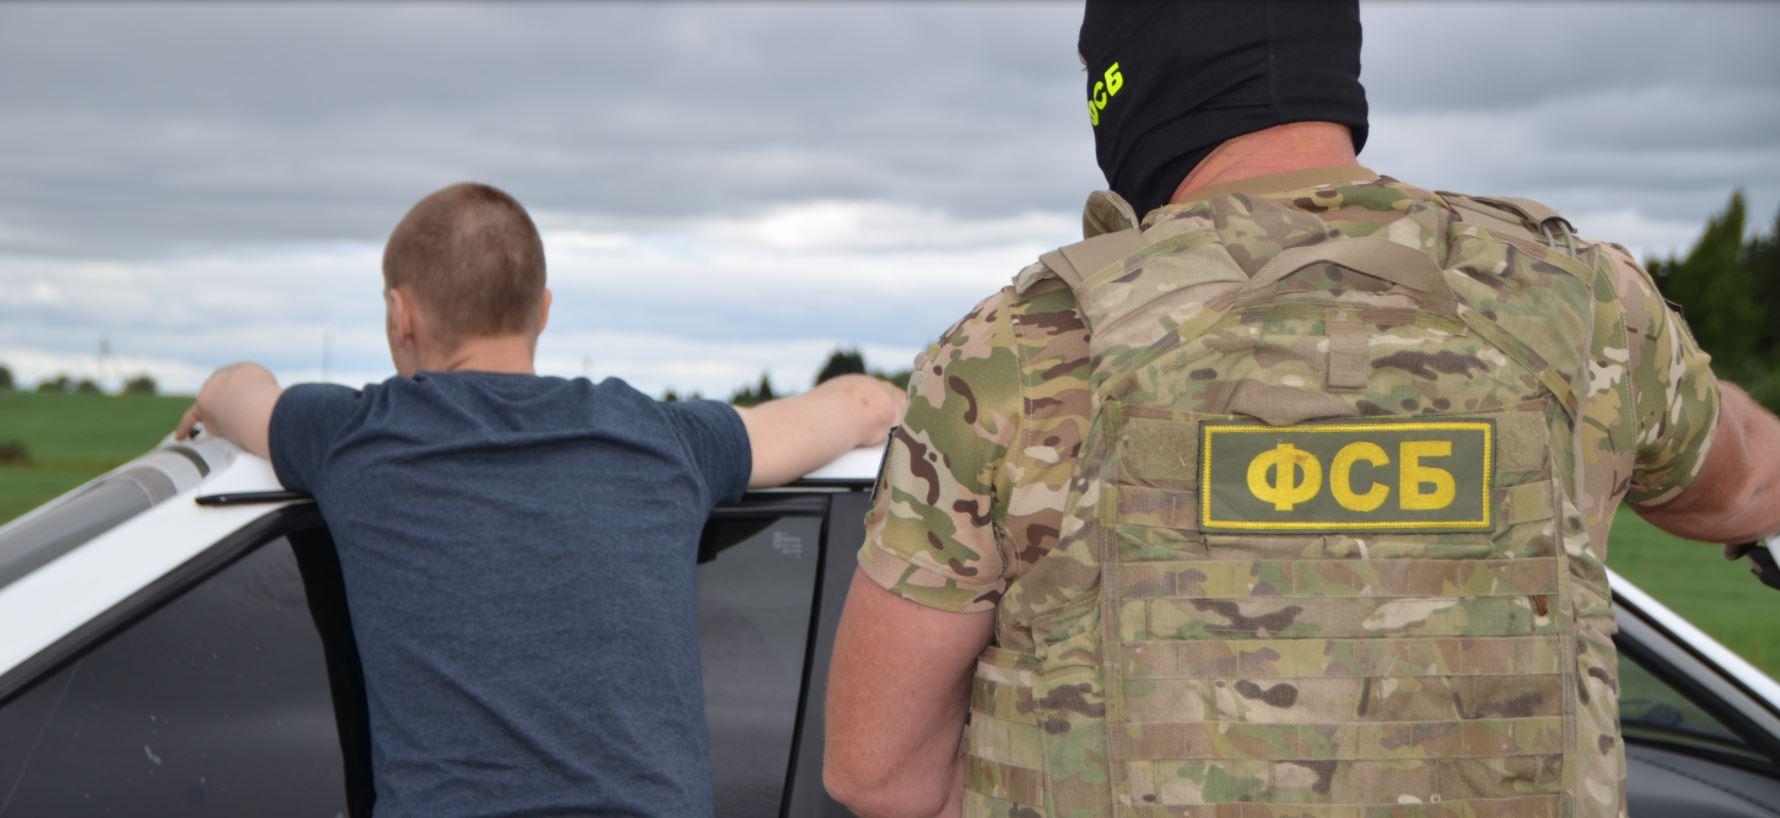 Наркокурьера с крупной партией запрещенных веществ задержали в Вологодском районе